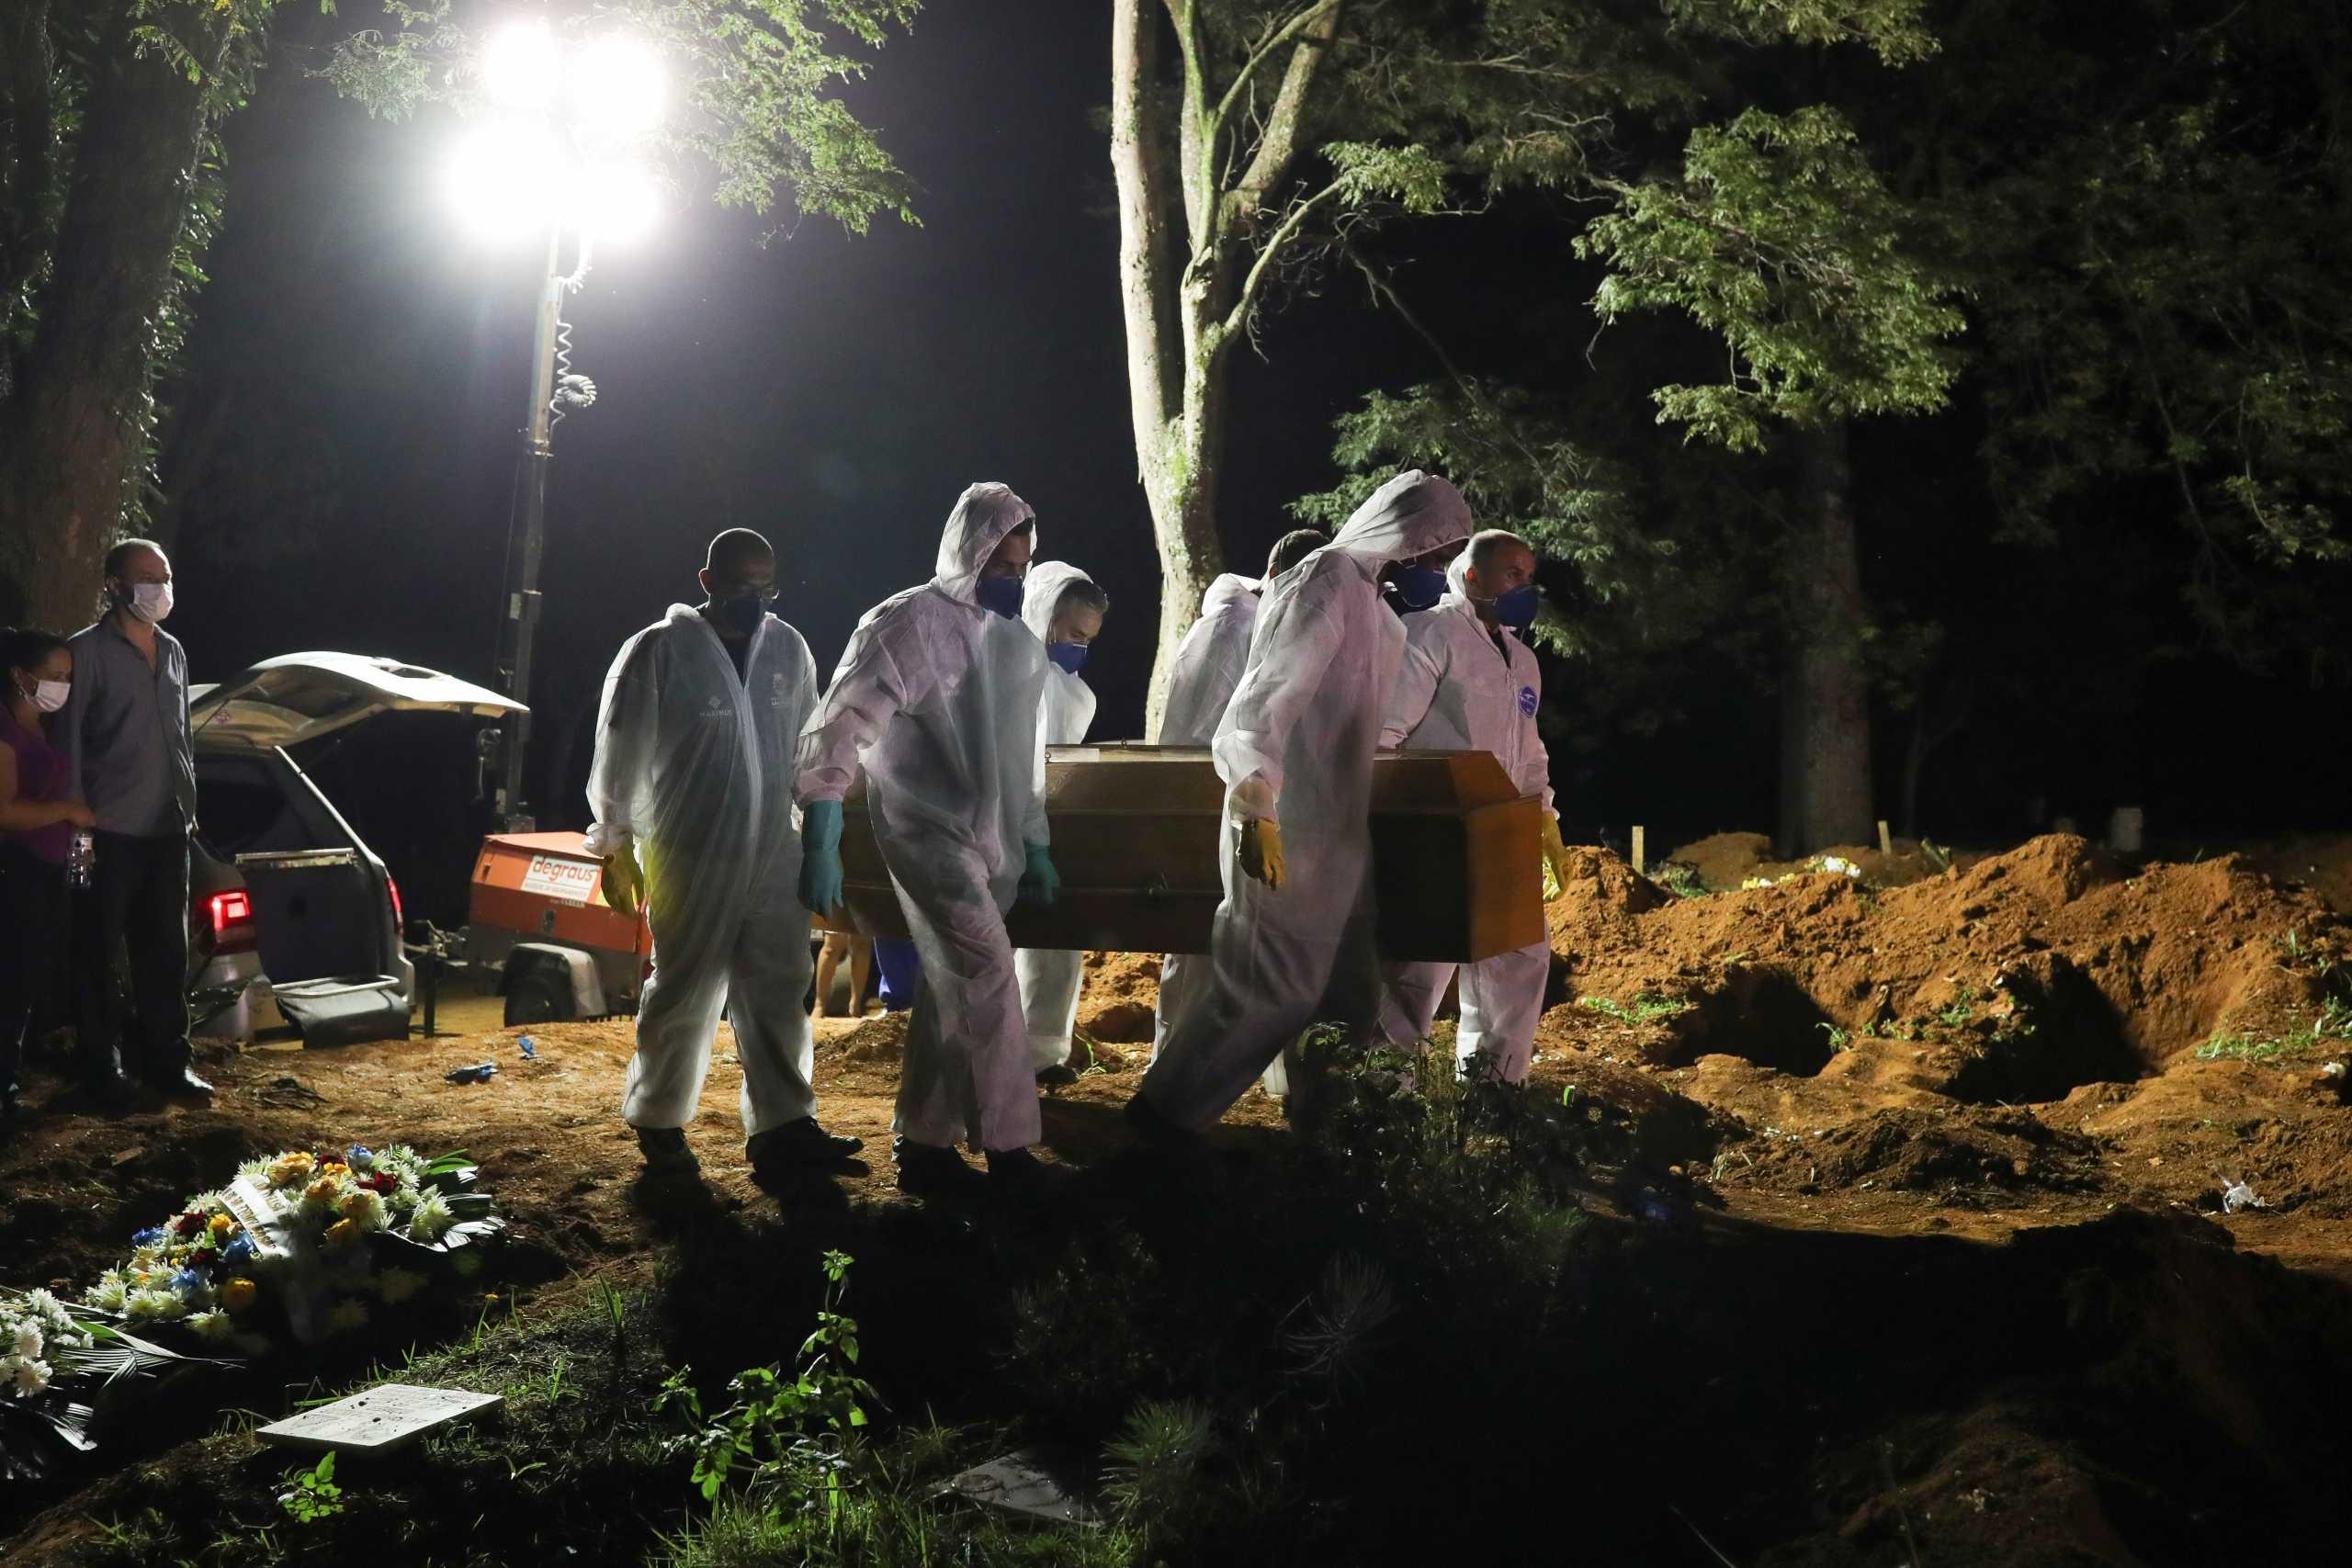 Βραζιλία – κορονοϊός: Προβλέψεις σοκ για παραπάνω από 3.000 νεκρούς την ημέρα